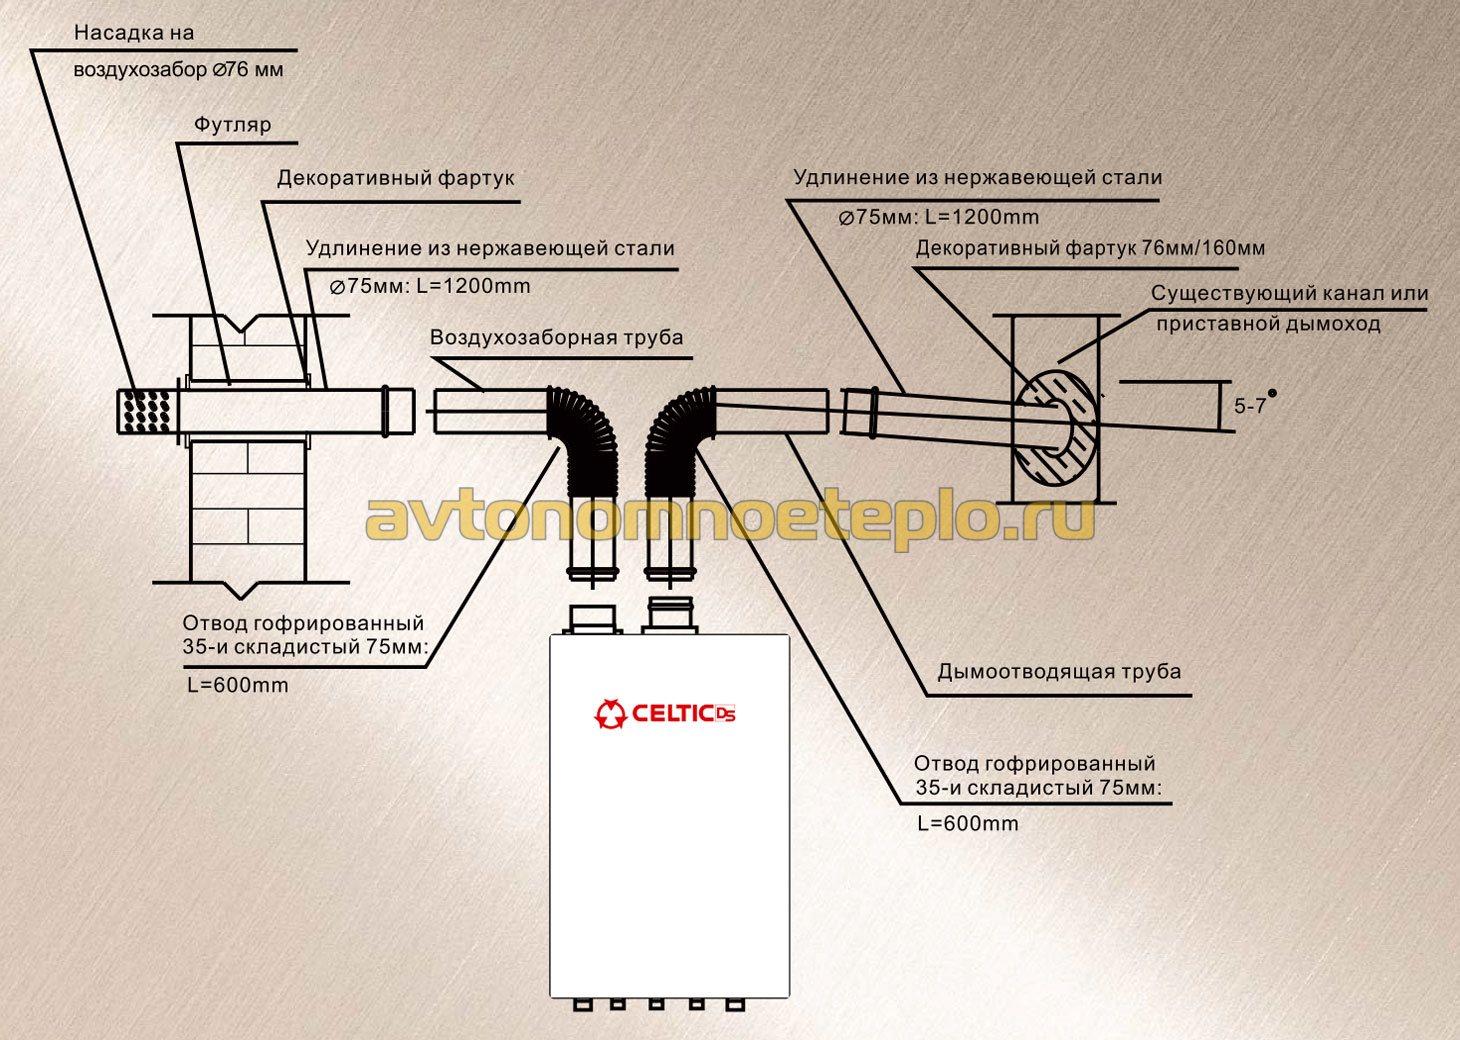 газовый котел celtic ремонт и приципиальная схема